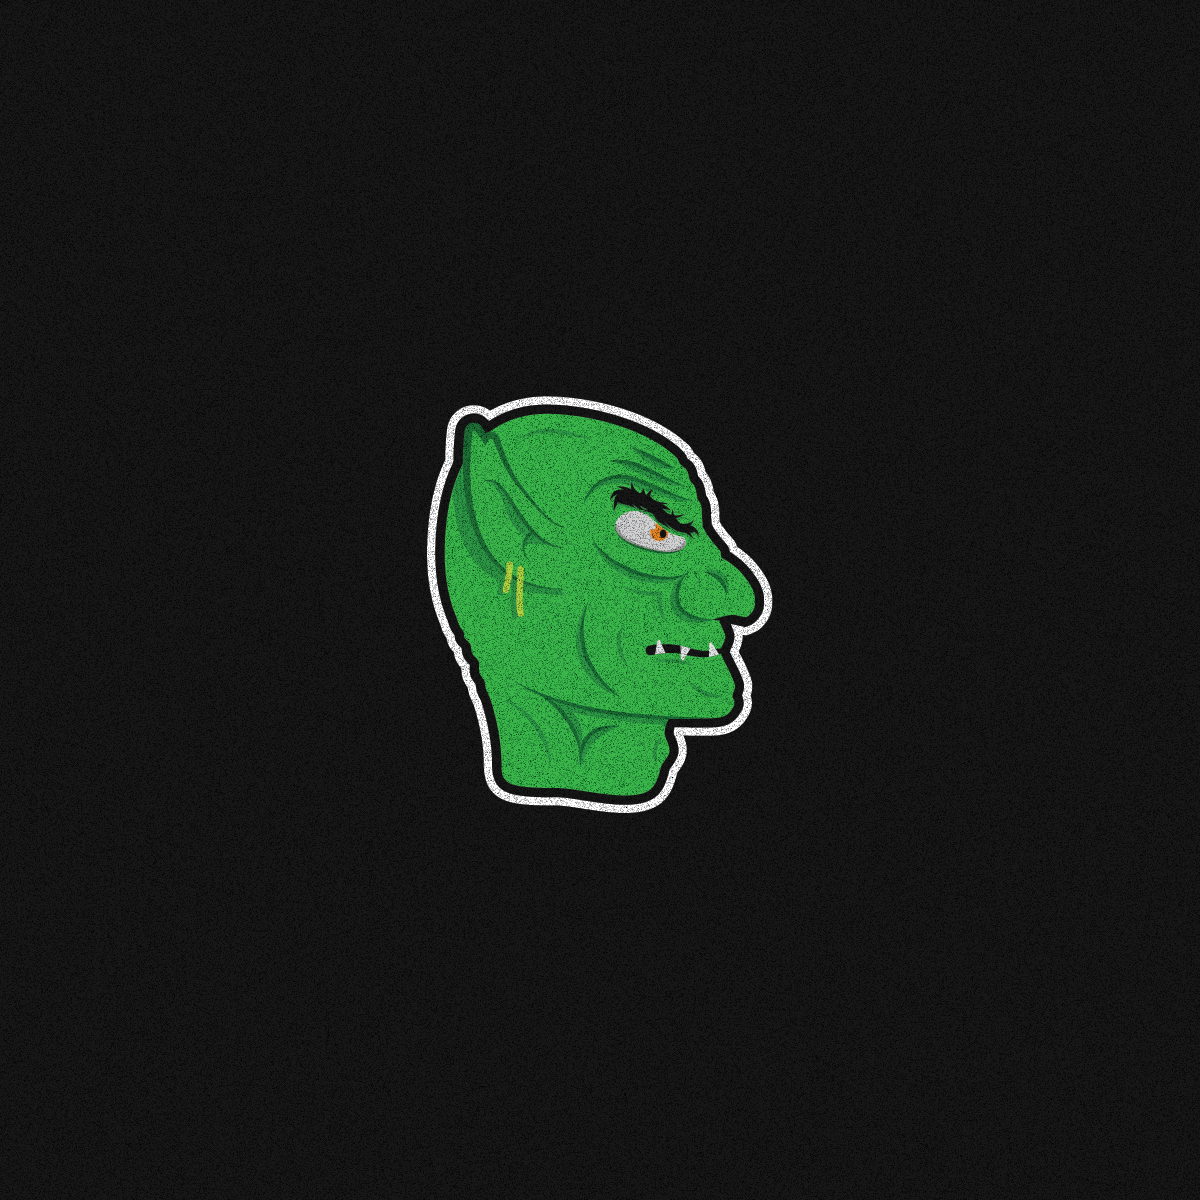 goblin-01